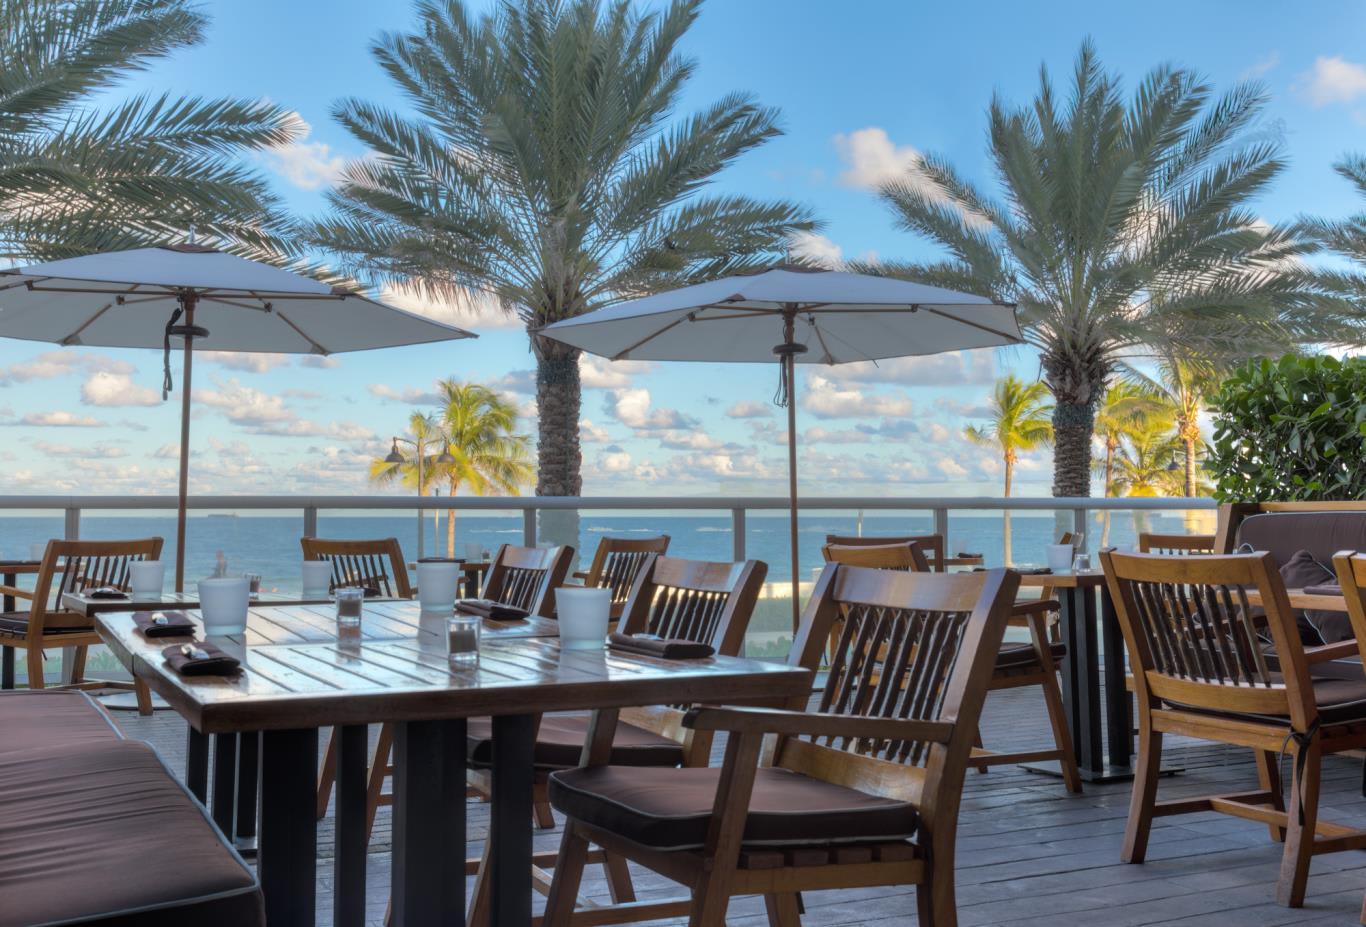 Steak-954-outdoor-patio